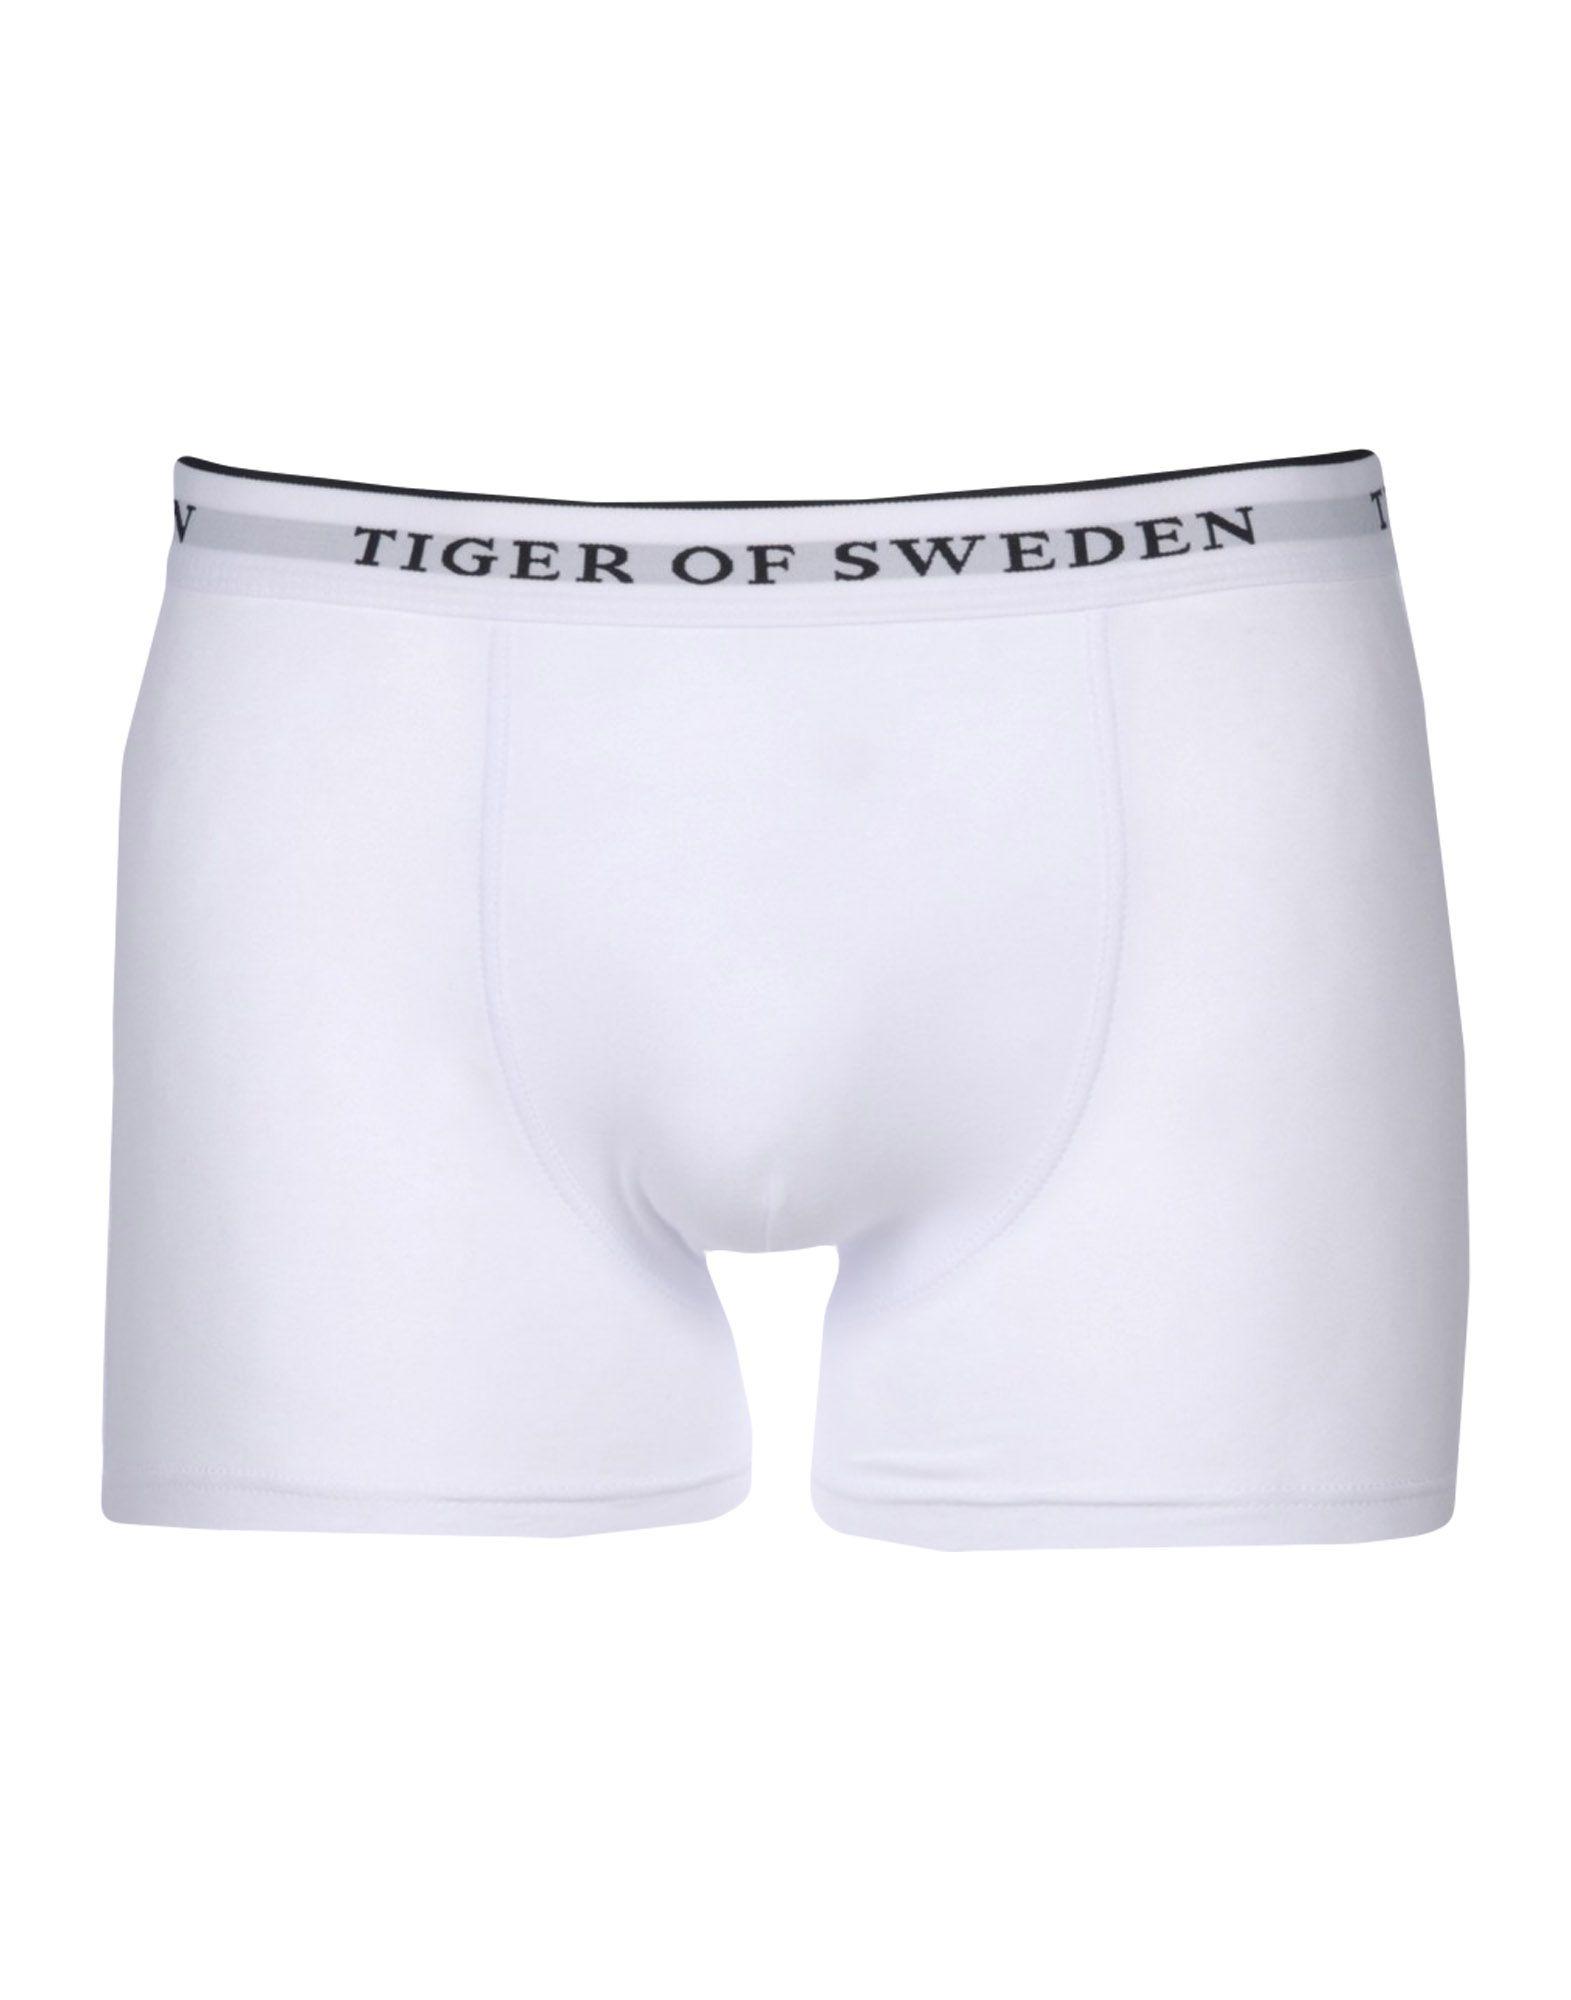 TIGER OF SWEDEN Боксеры tiger of sweden платок